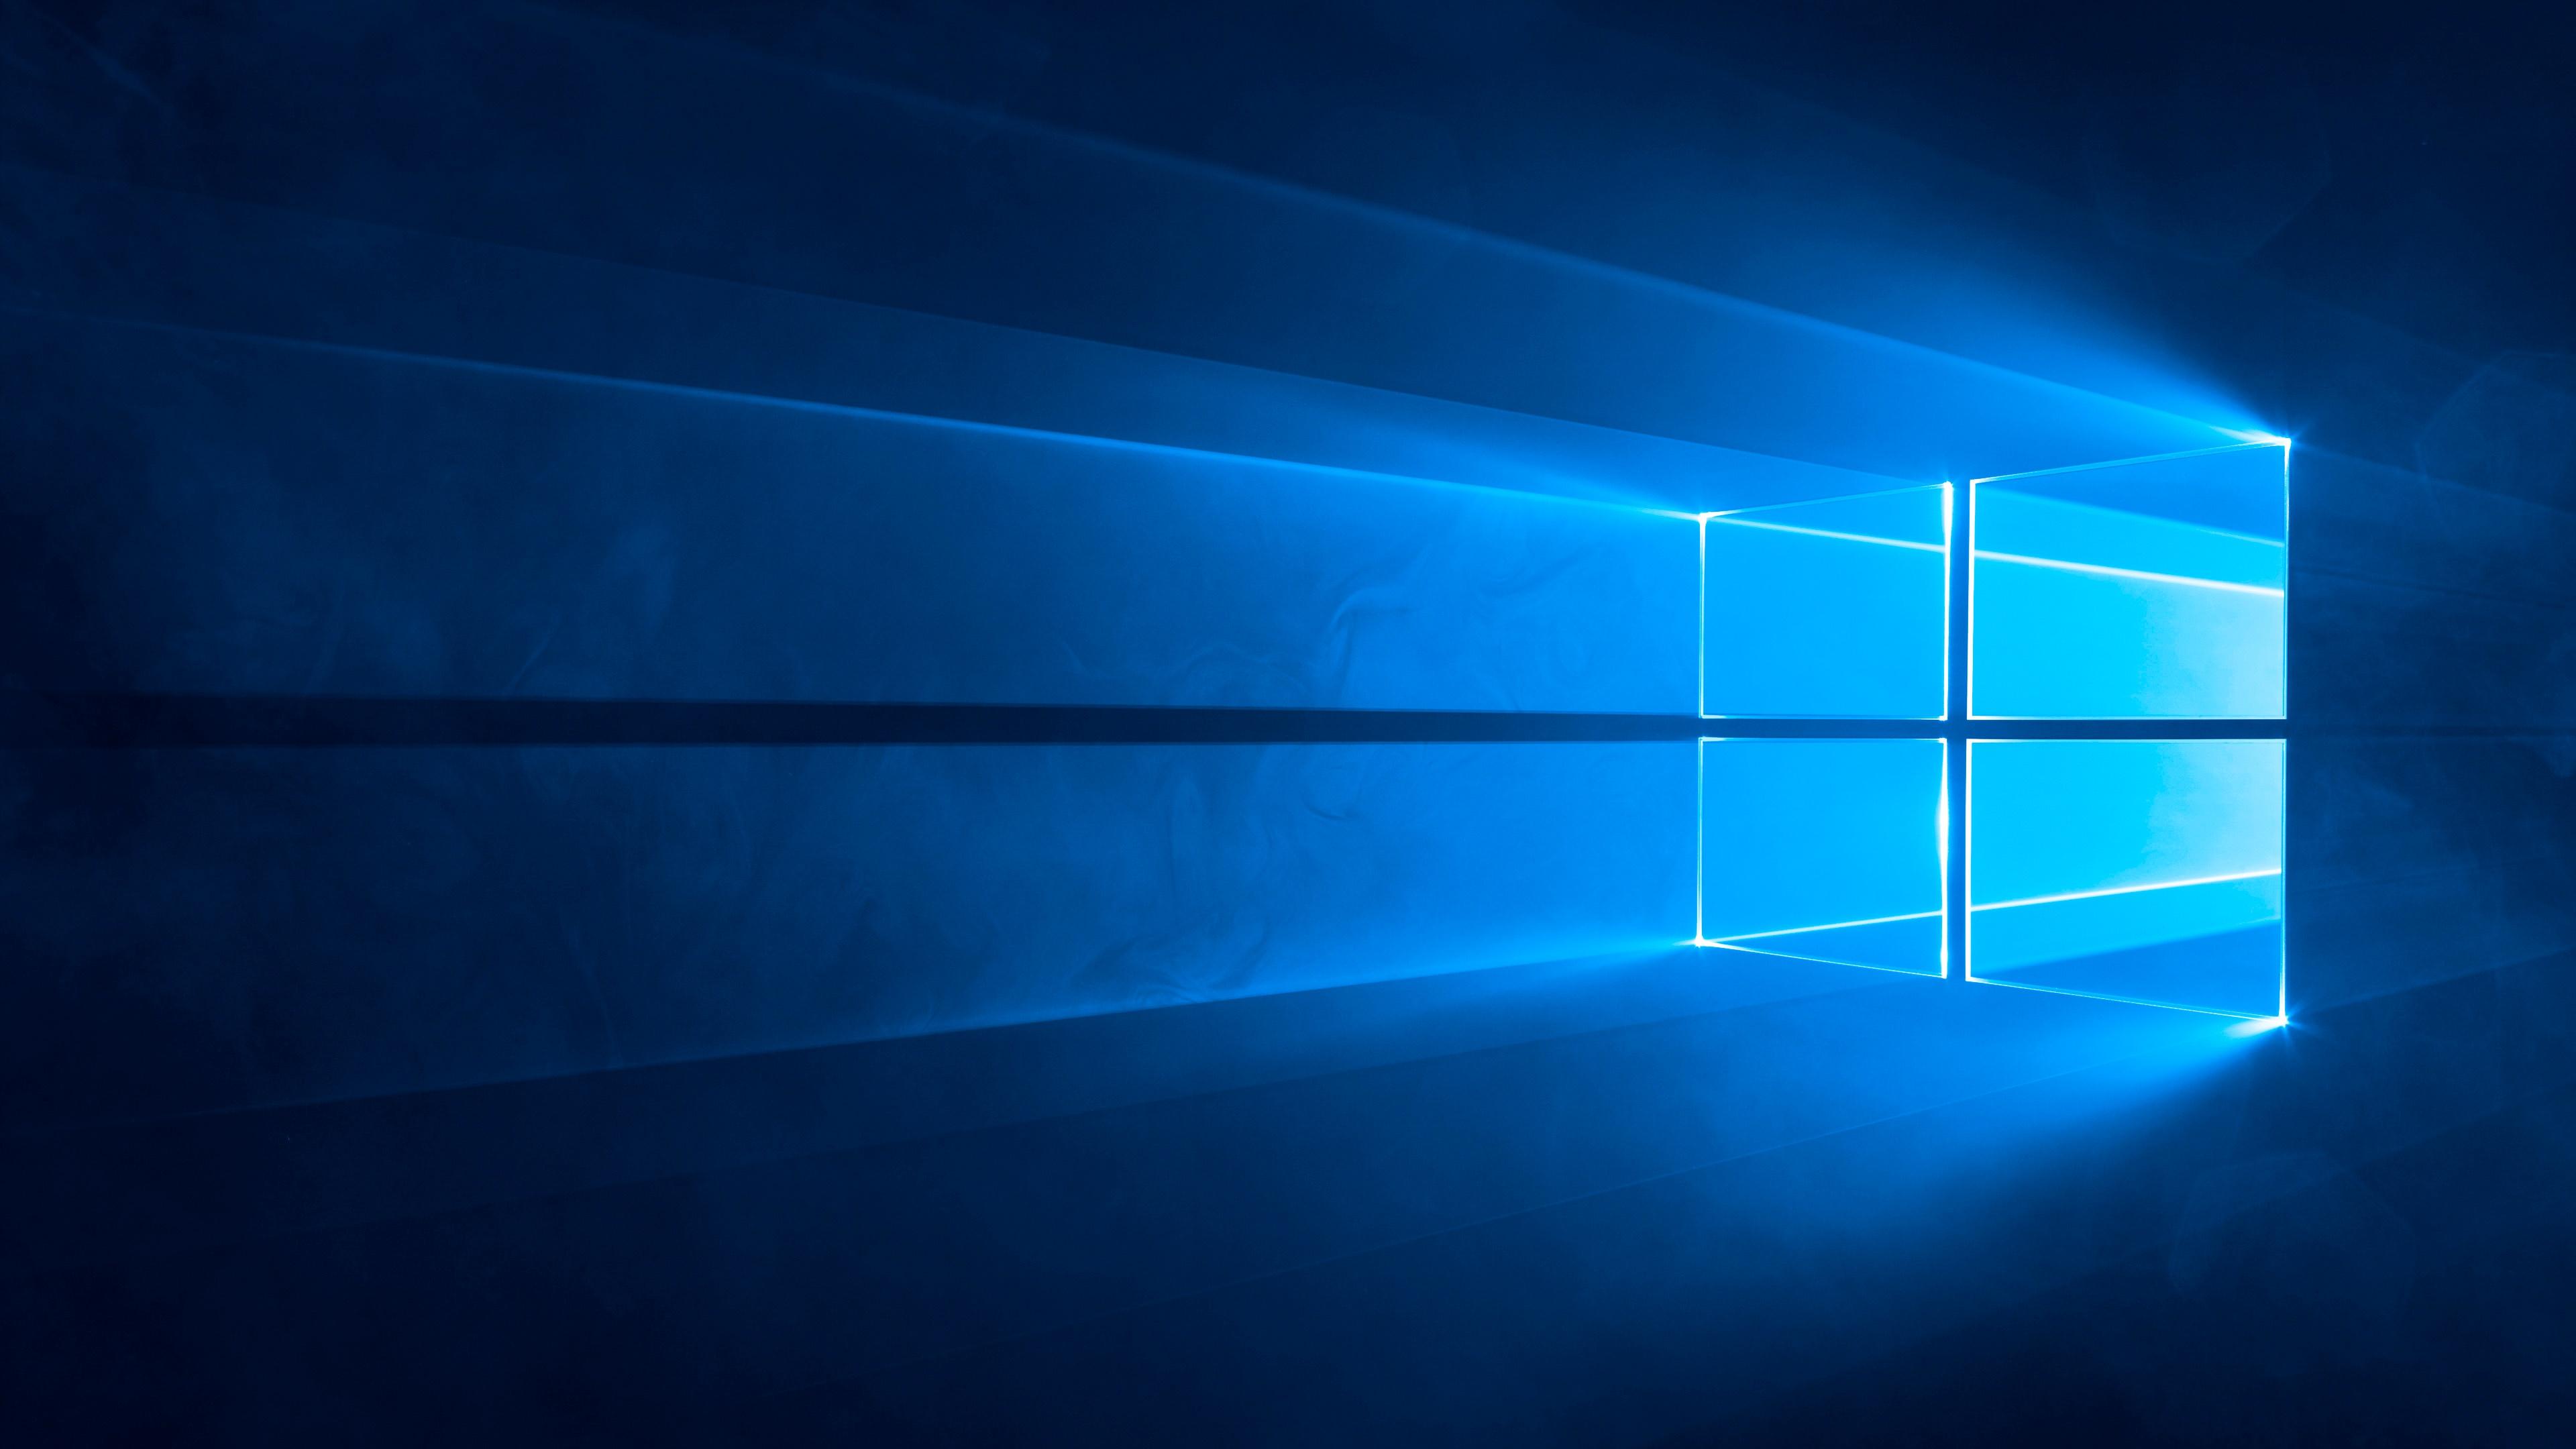 Владельцы ПК пожаловались на обновление Windows 10, которое замедляет работу системы